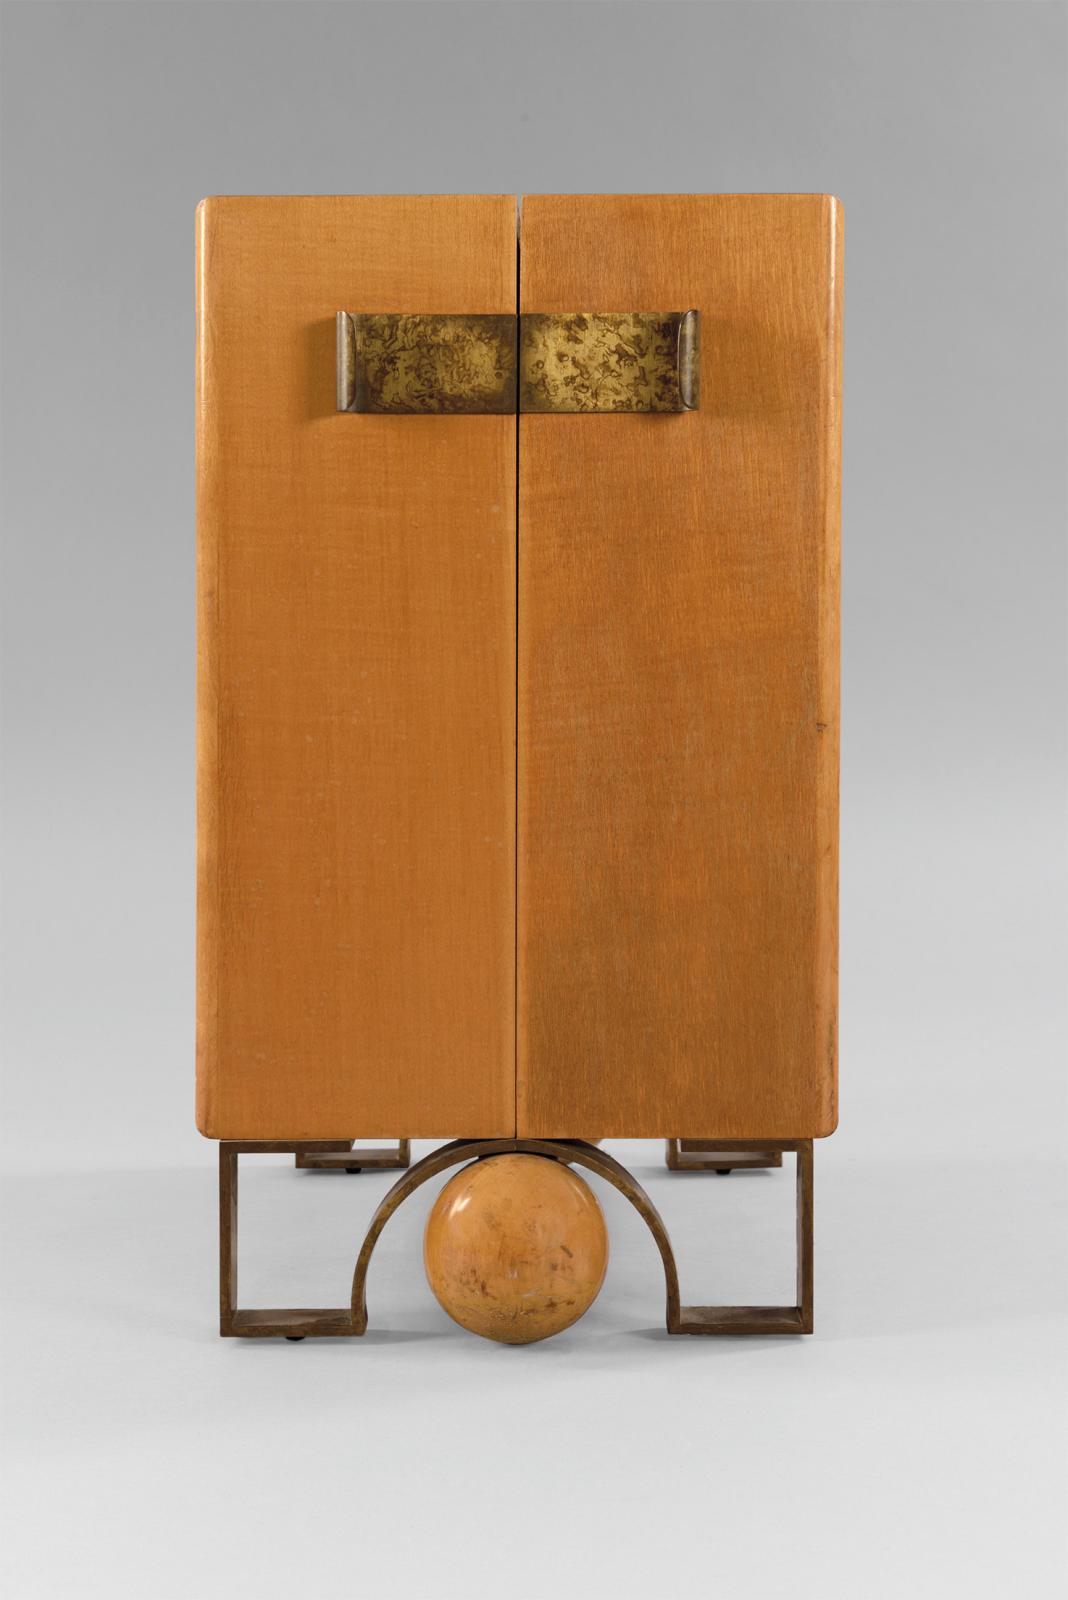 Eugène Printz (1879-1948), petit meuble d'appoint en placage de noyer à corps quadrangulaire, ornementé en façade de deux poignées pleines